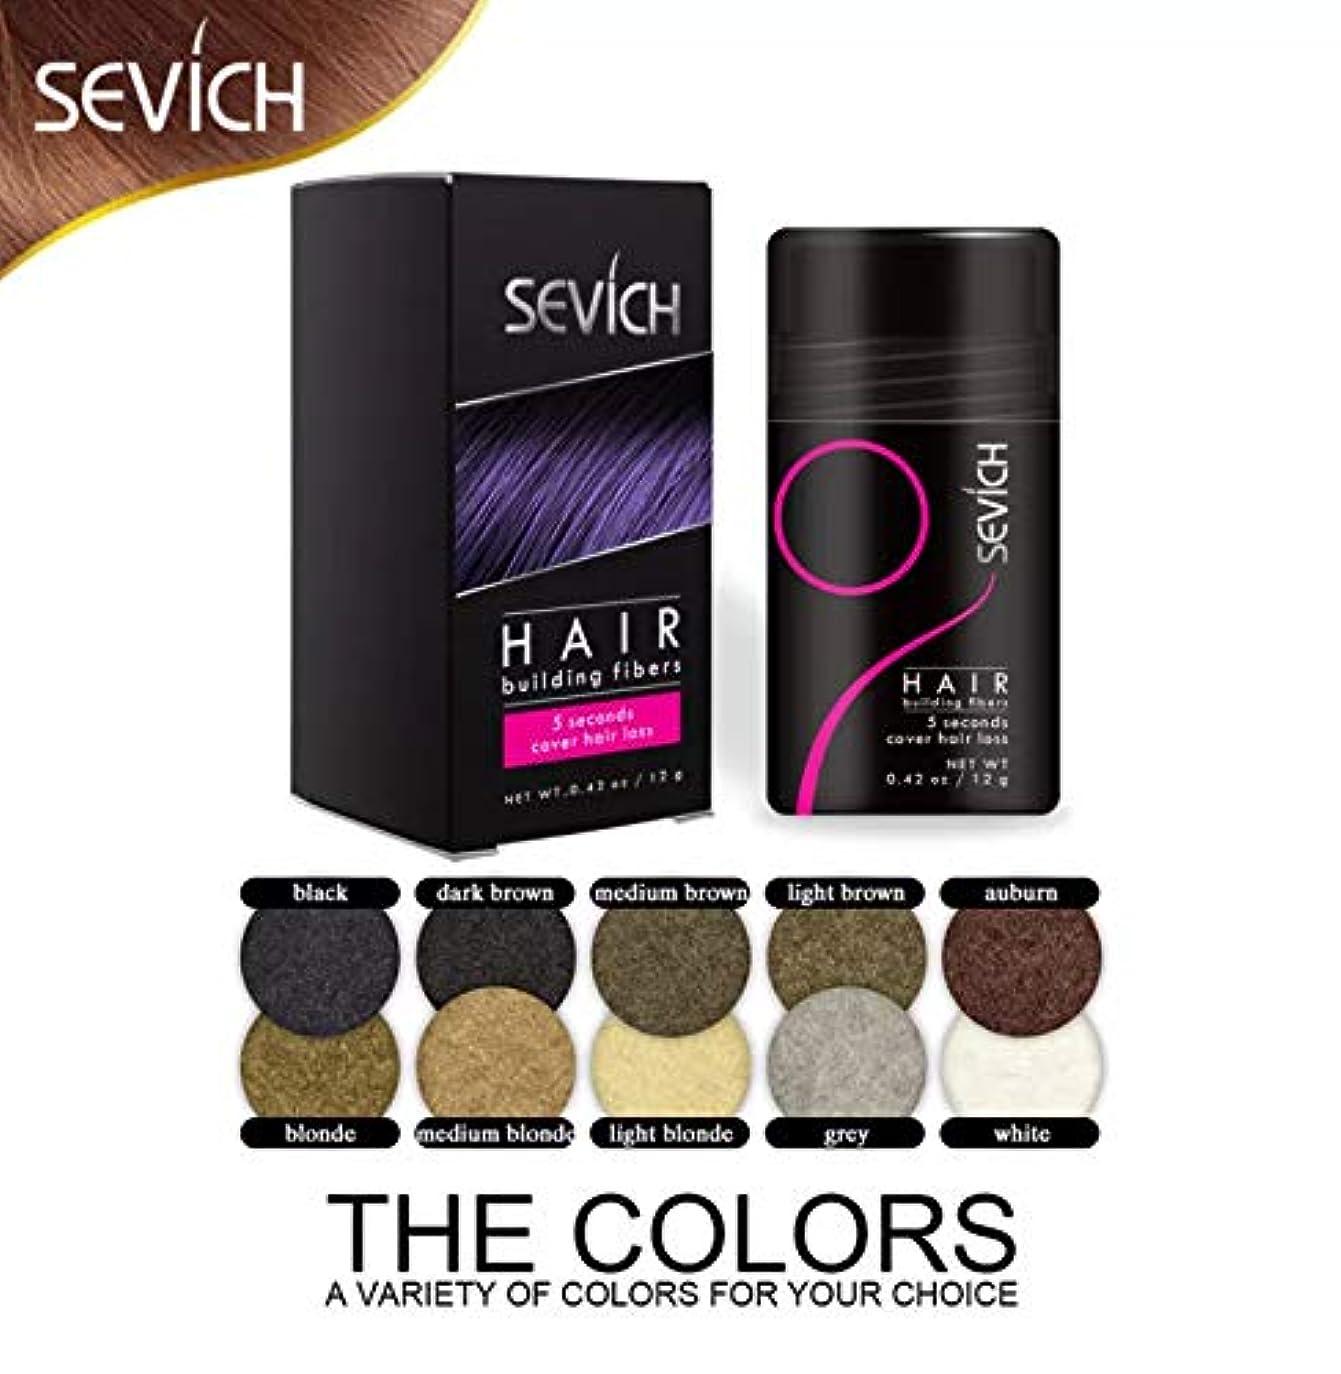 ヘアビルディング 増毛パウダー ブラック Black 12gボトル/薄毛対策 白髪 ハゲ隠し Hair Fibers (Dark Brown)